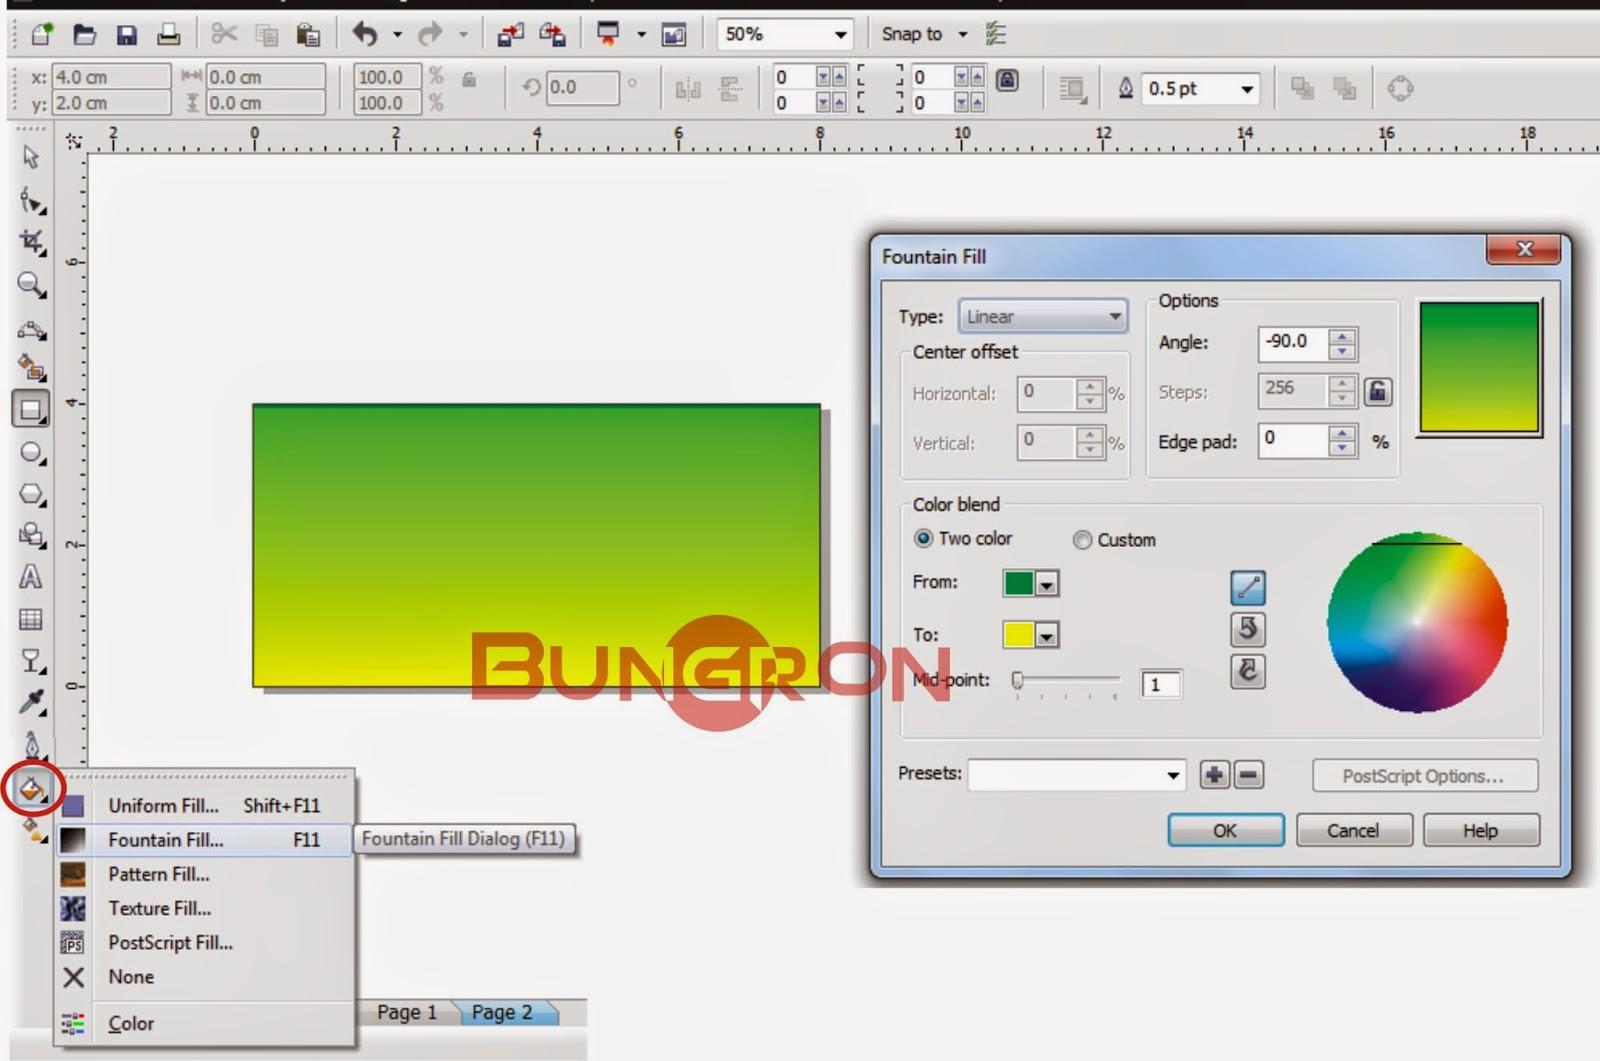 Cara Membuat ID Card di CorelDraw | Bungron